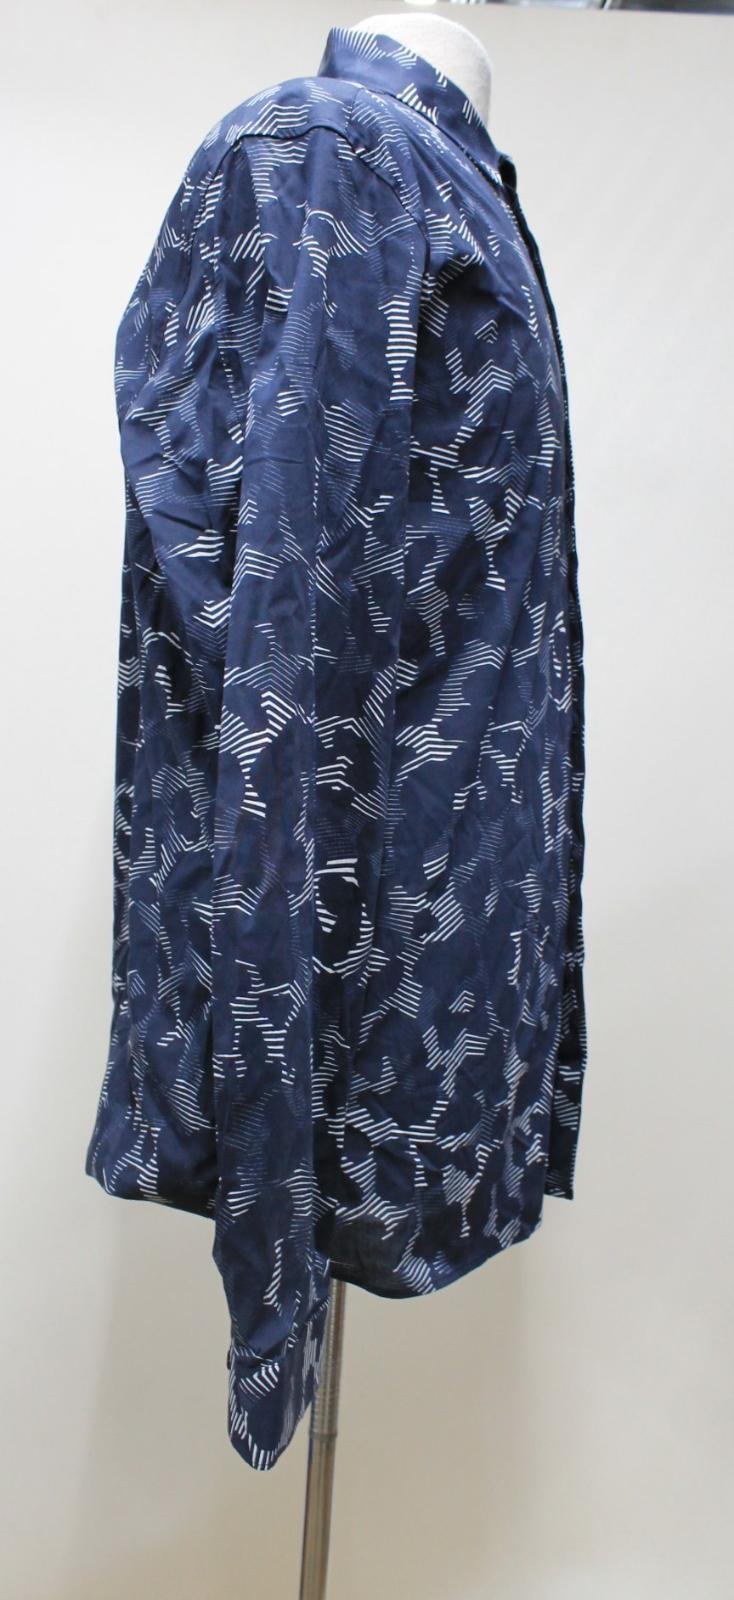 Neil-Barrett-Para-Hombre-Calce-Cenido-Estampado-Abstracto-Algodon-Azul-Con-Cuello-Camisa-16-5-034 miniatura 4